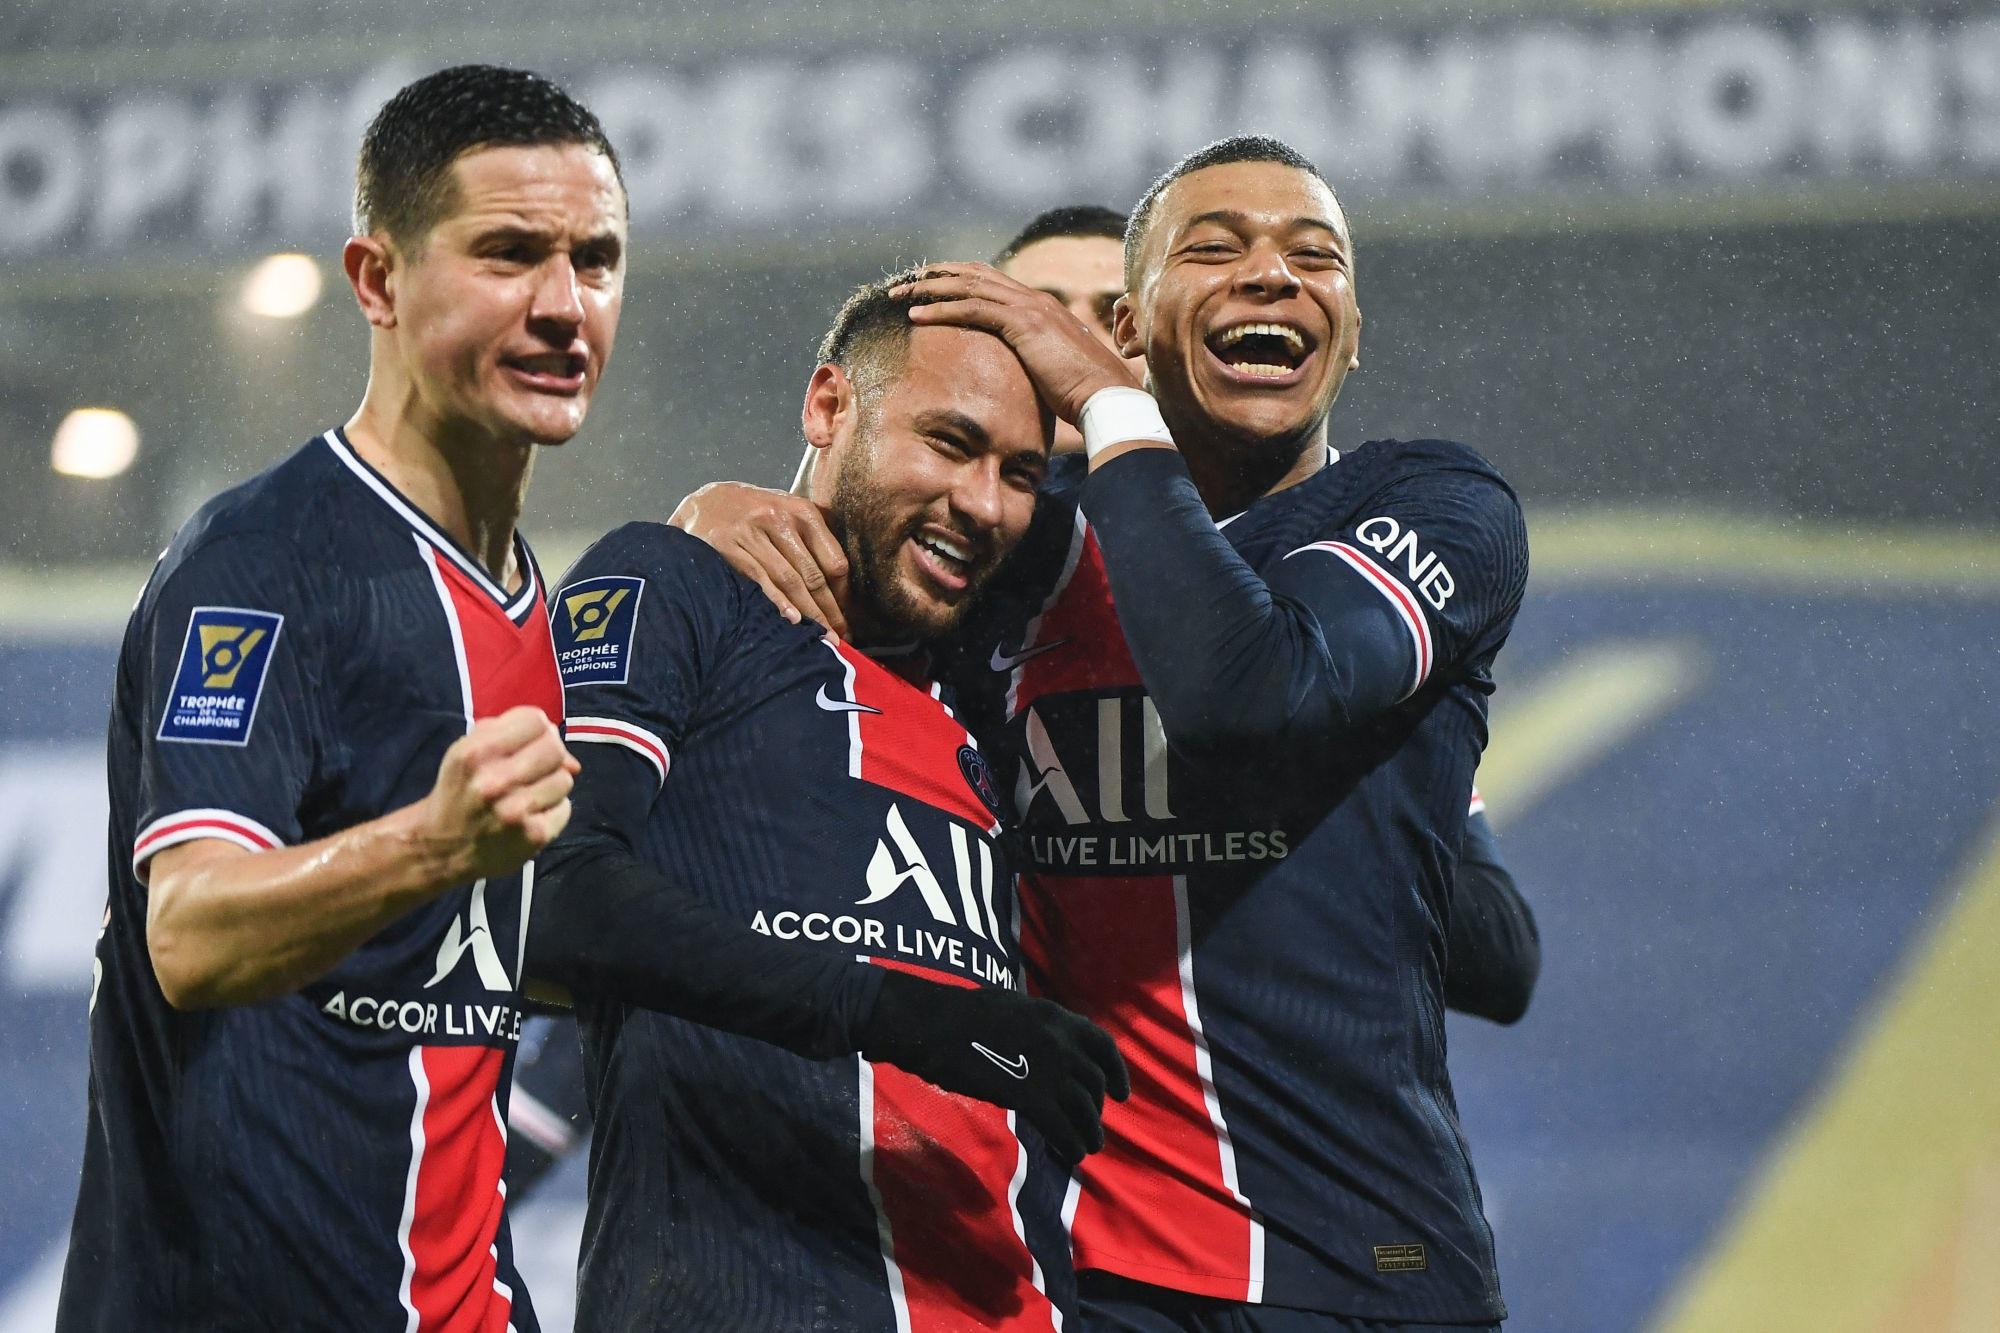 PSG/OM - Herrera évoque la victoire, les supporters, le trophée et Pochettino